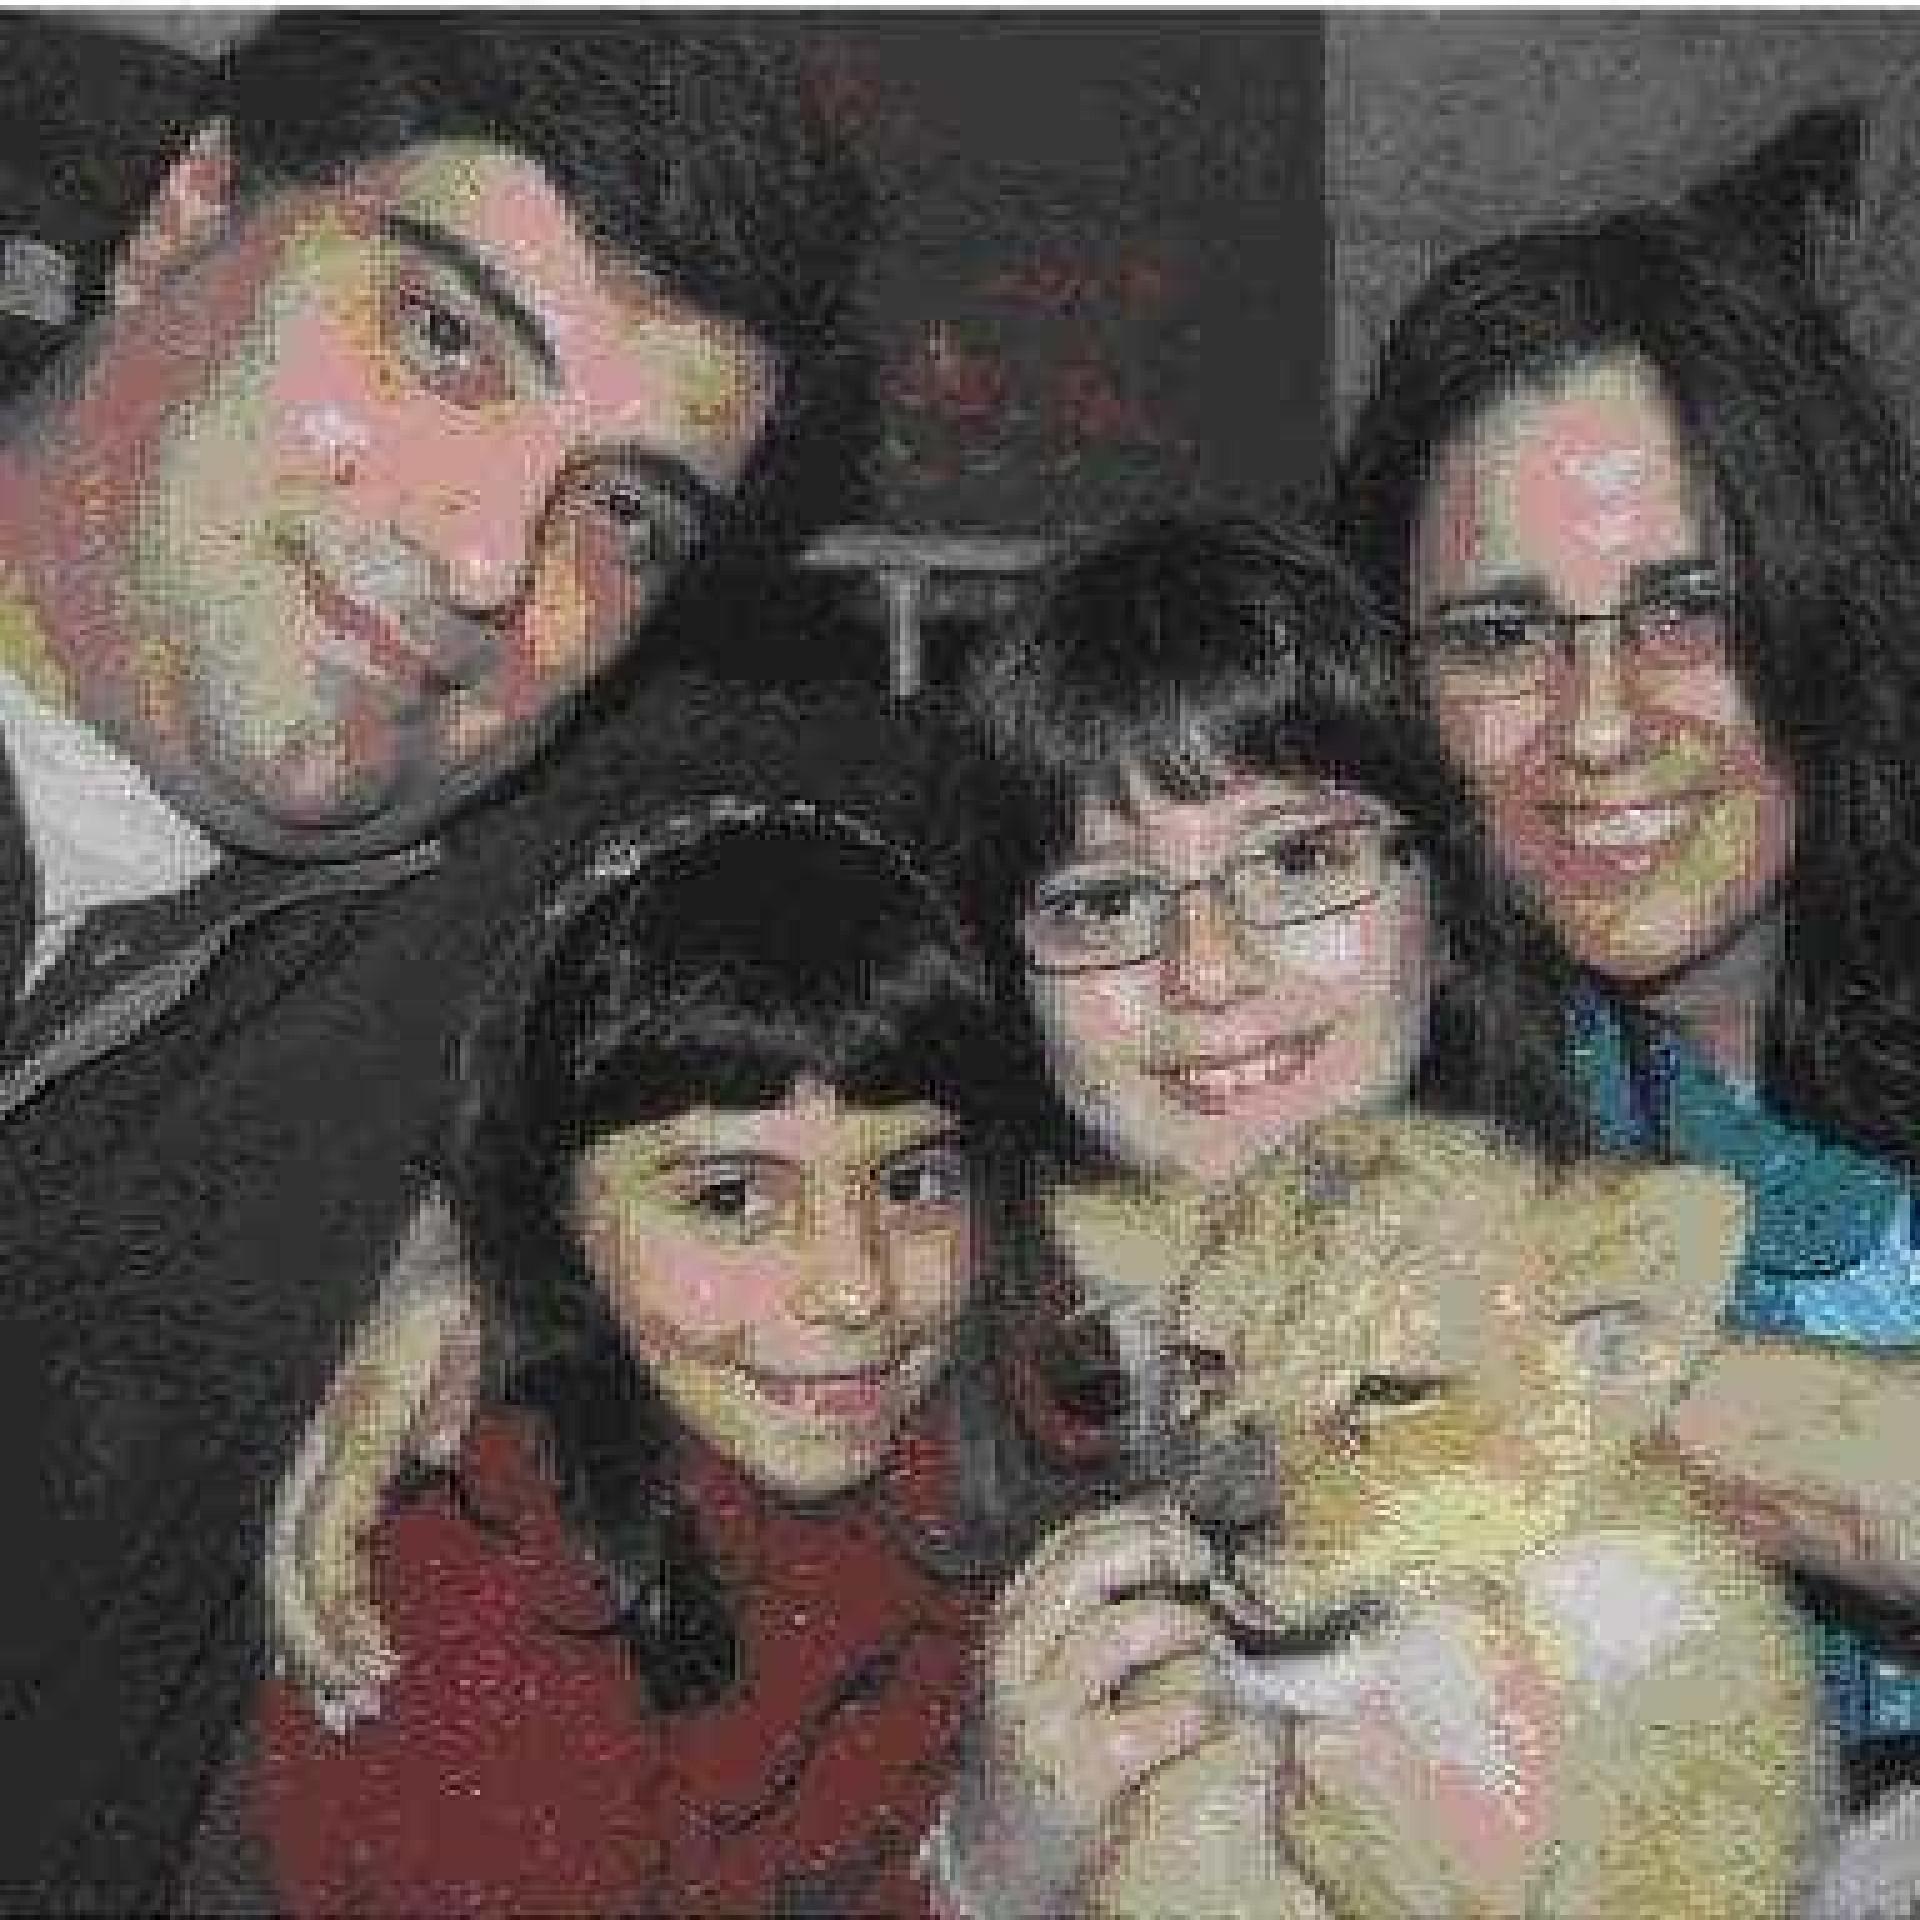 Susana, Joana e Margarida também perderam a vida em Pedrógão